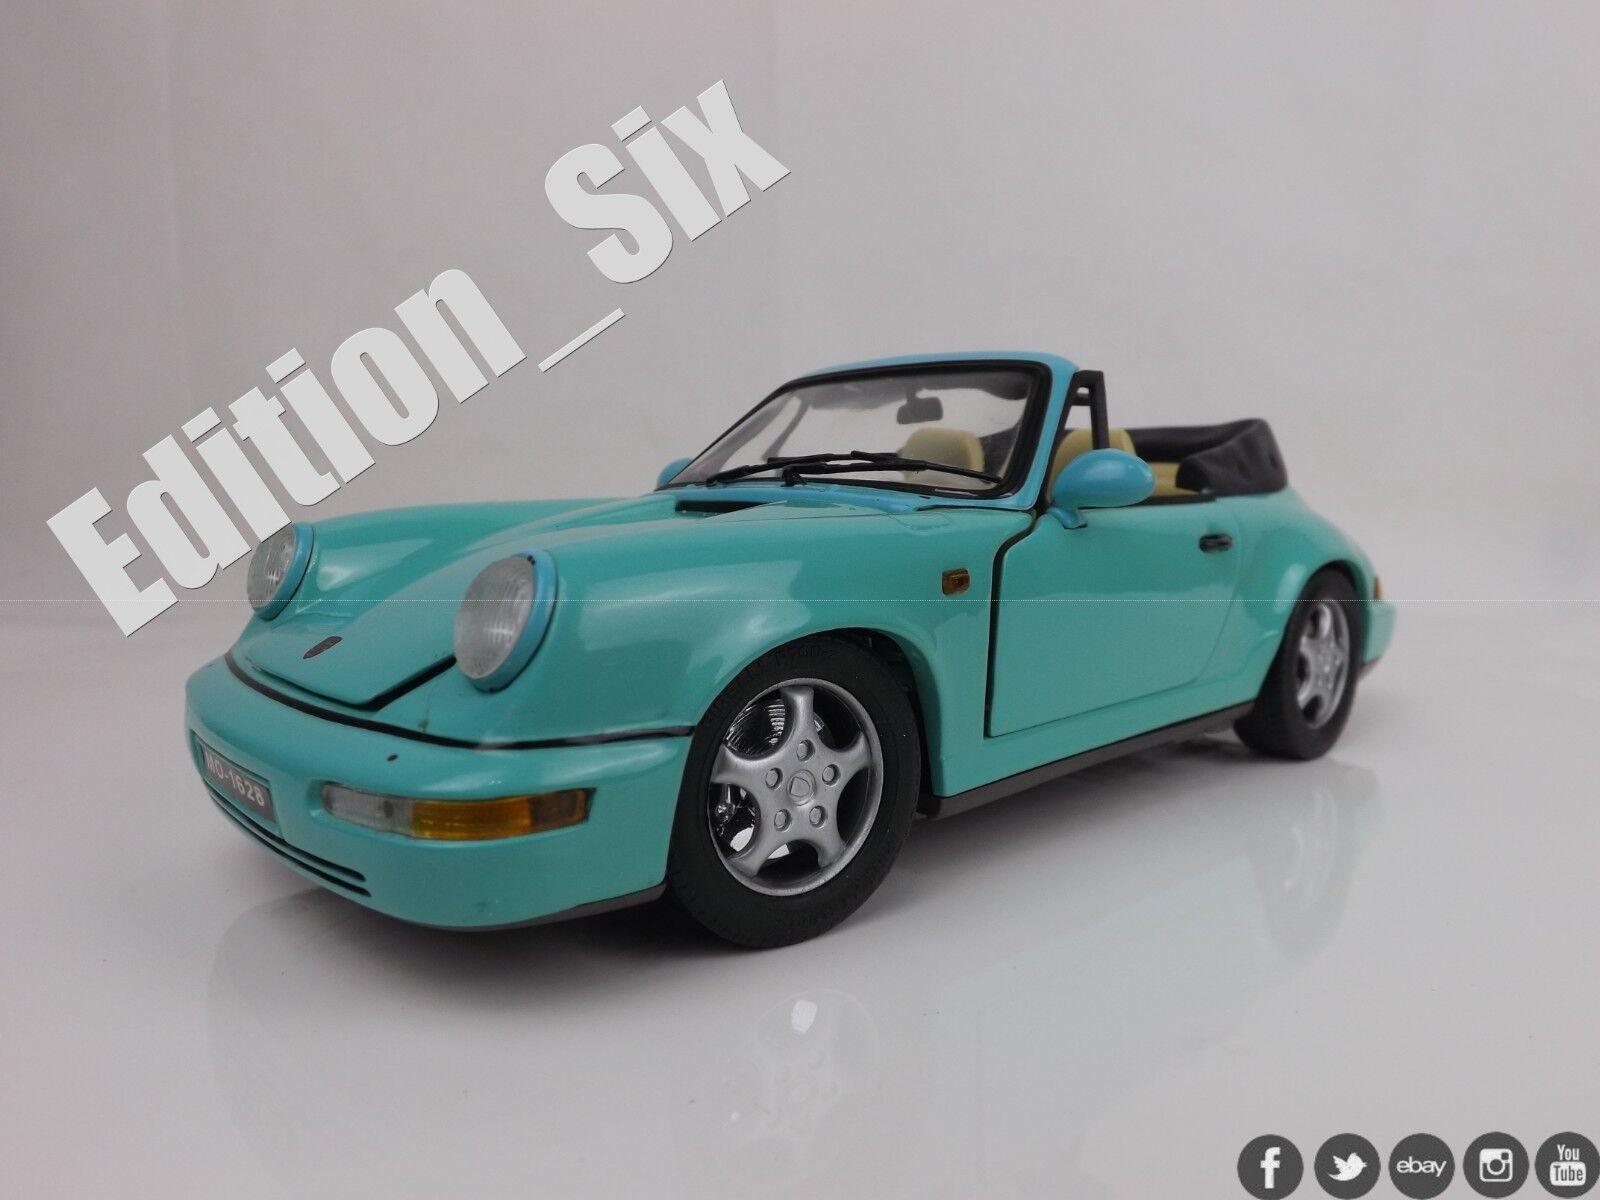 Anson 1 18 scale PORSCHE 911 CABRIOLET vintage release model car Mint Green